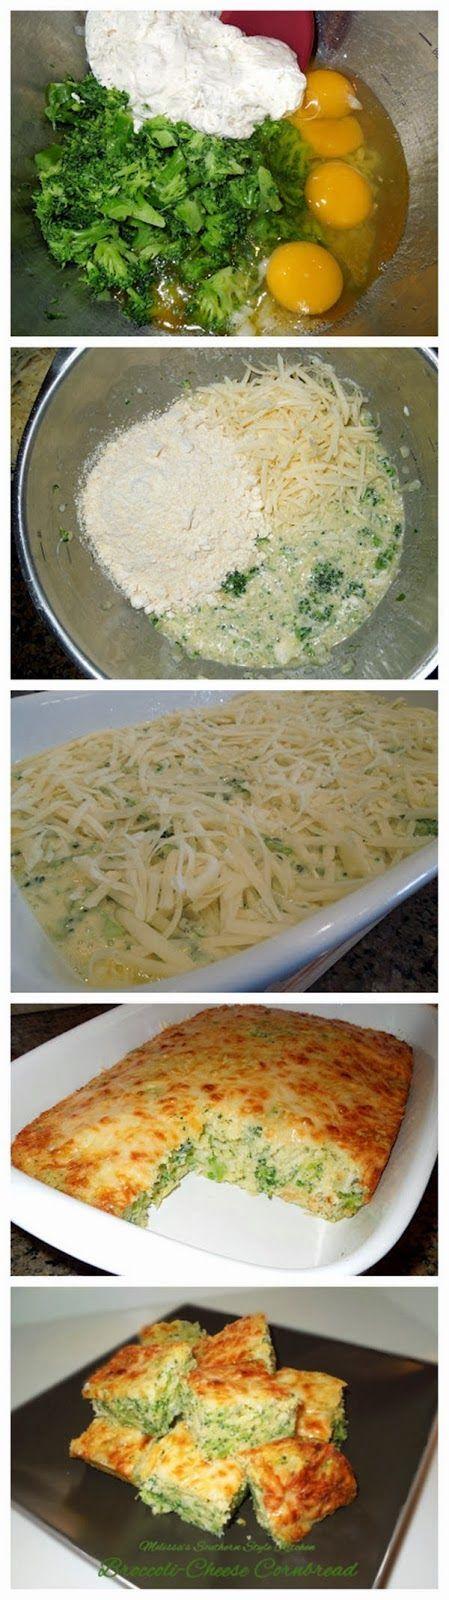 Broccoli-Cheese Cornbread | Looks tasty! | Pinterest